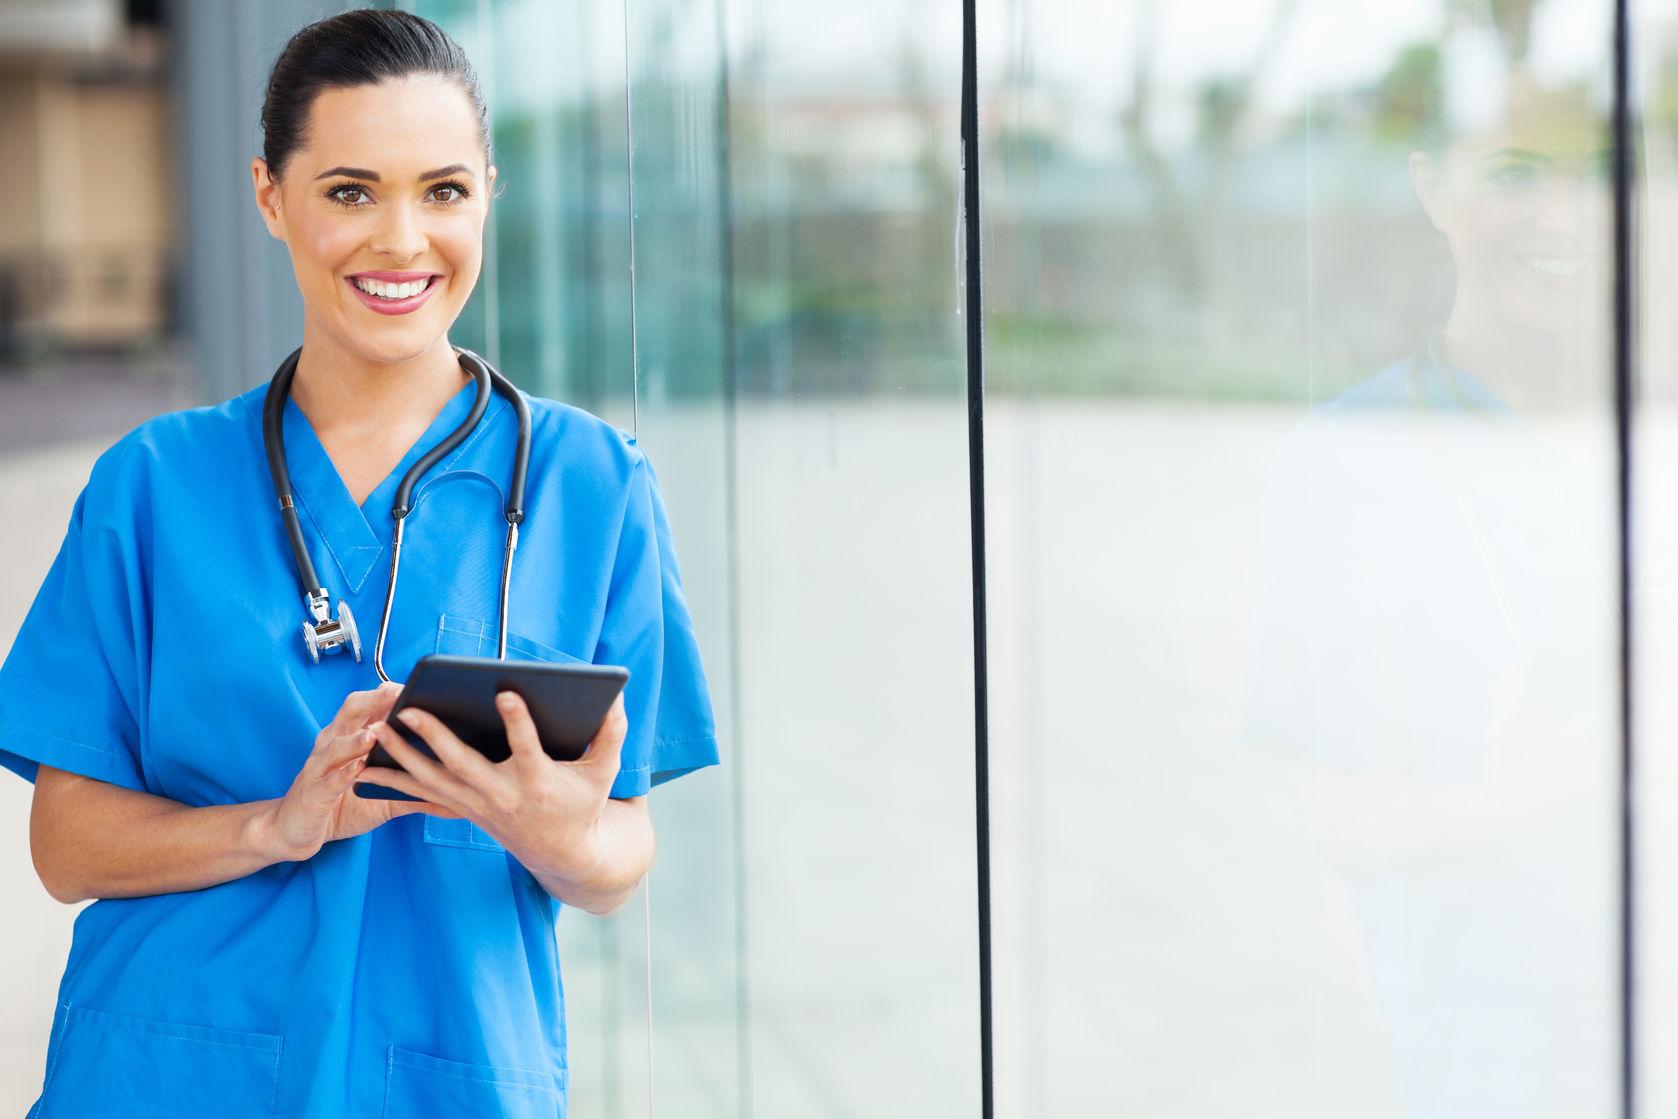 Enfermera informática, un trabajo con futuro